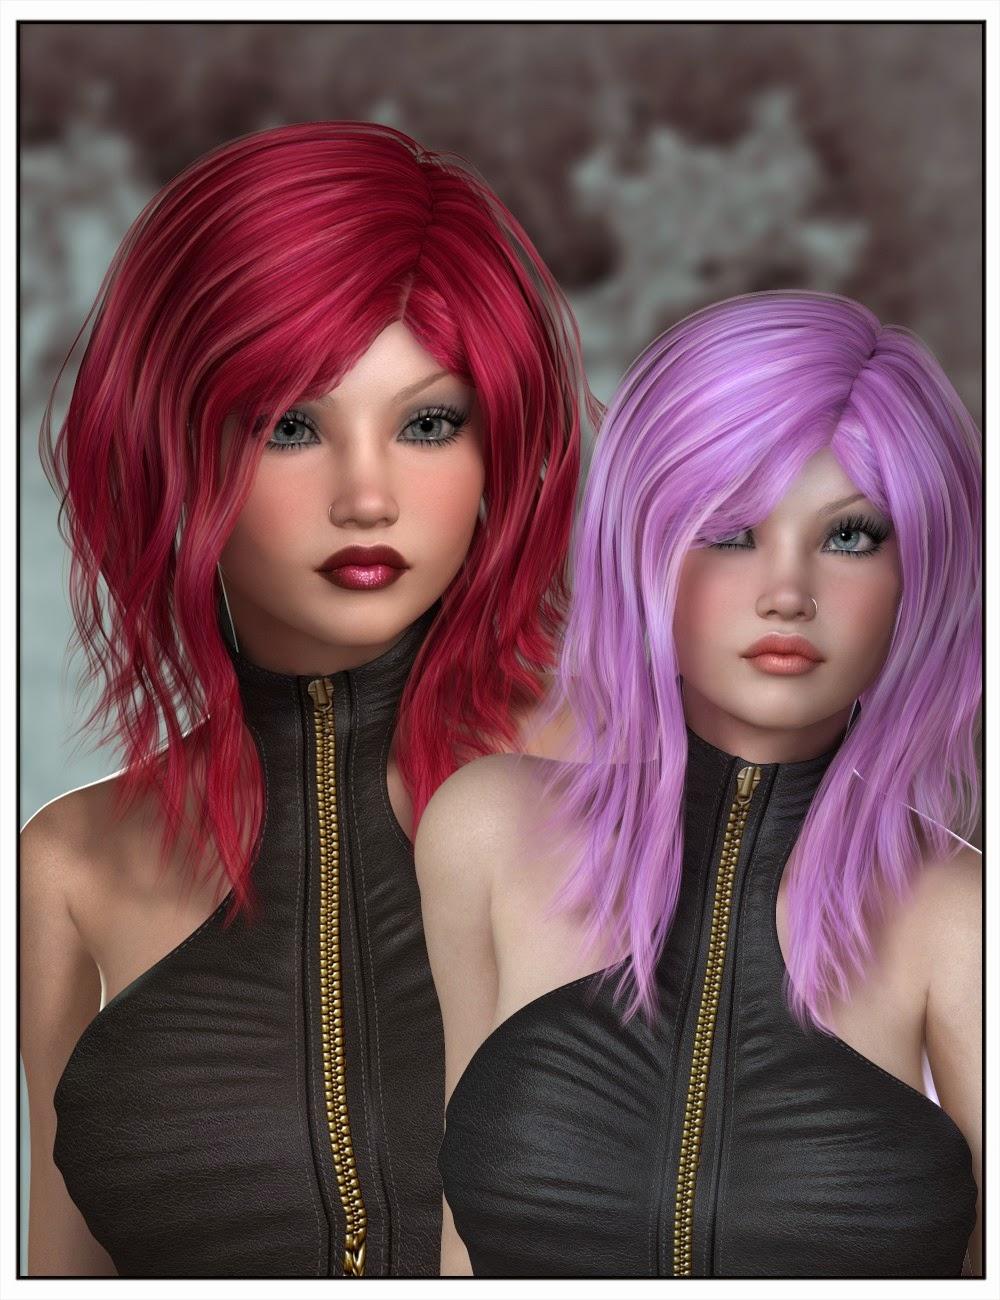 Capucine Couleur des cheveux